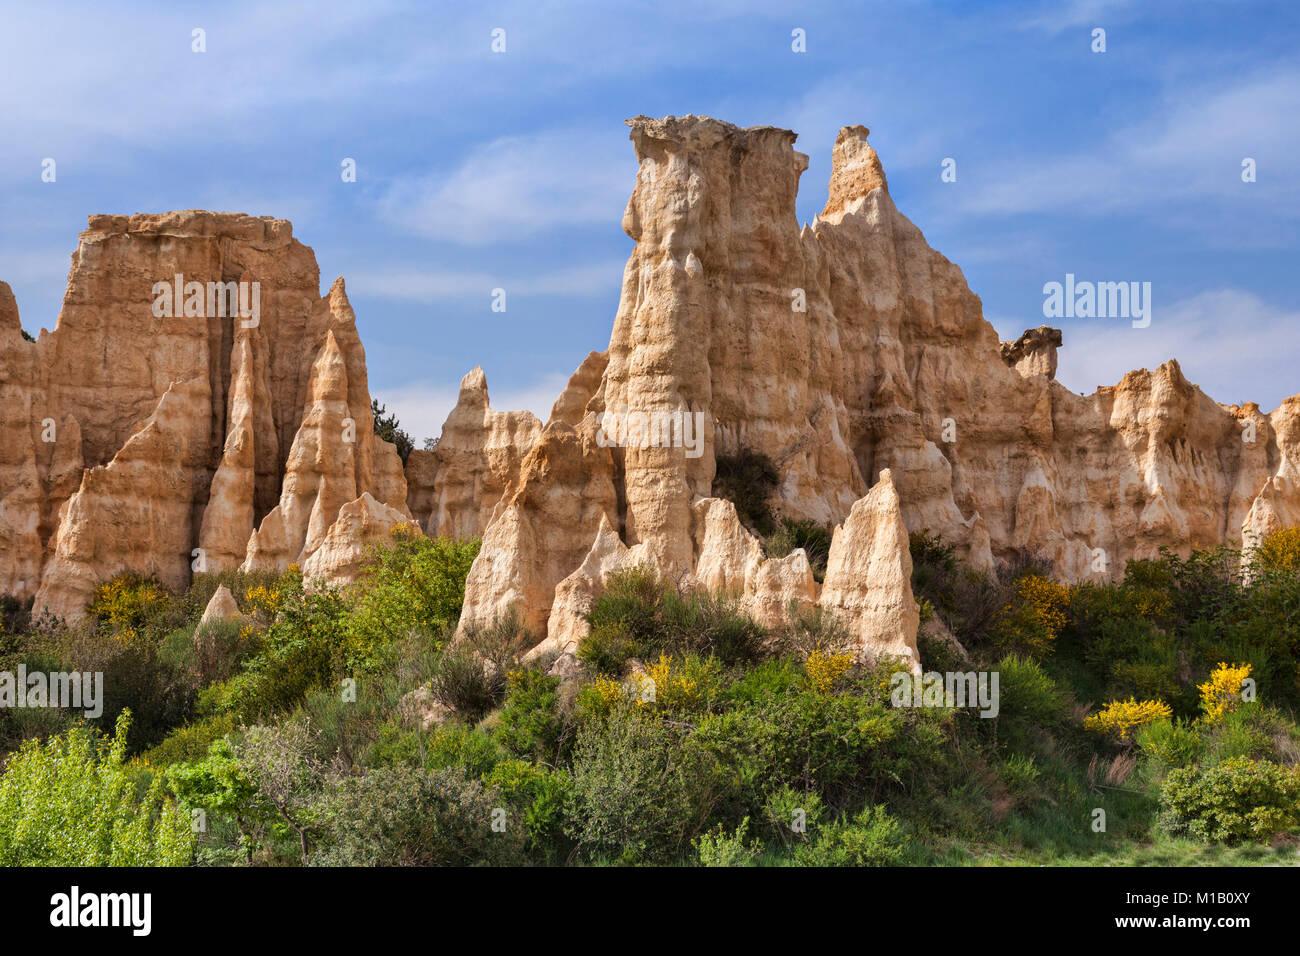 Les Orgues d'Ille sur Tet, Languedoc-Roussillon, Pirineos Orientales, Francia. Imagen De Stock